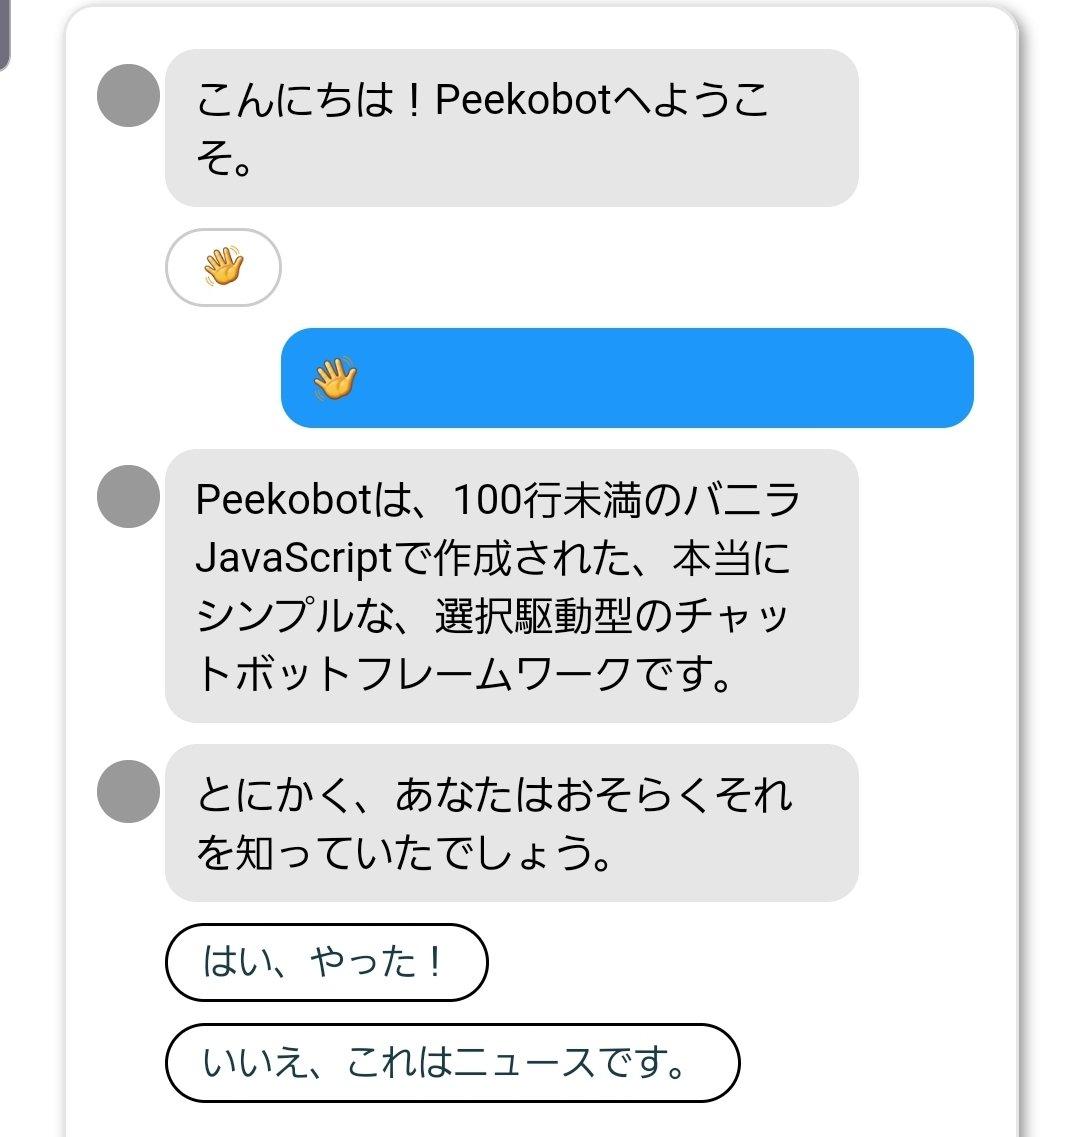 100行ほどで作られた超シンプルなチャットボットのJavaScriptライブラリ。素のJavaScriptだけなので、ソースコード読みながらの学習にも最適